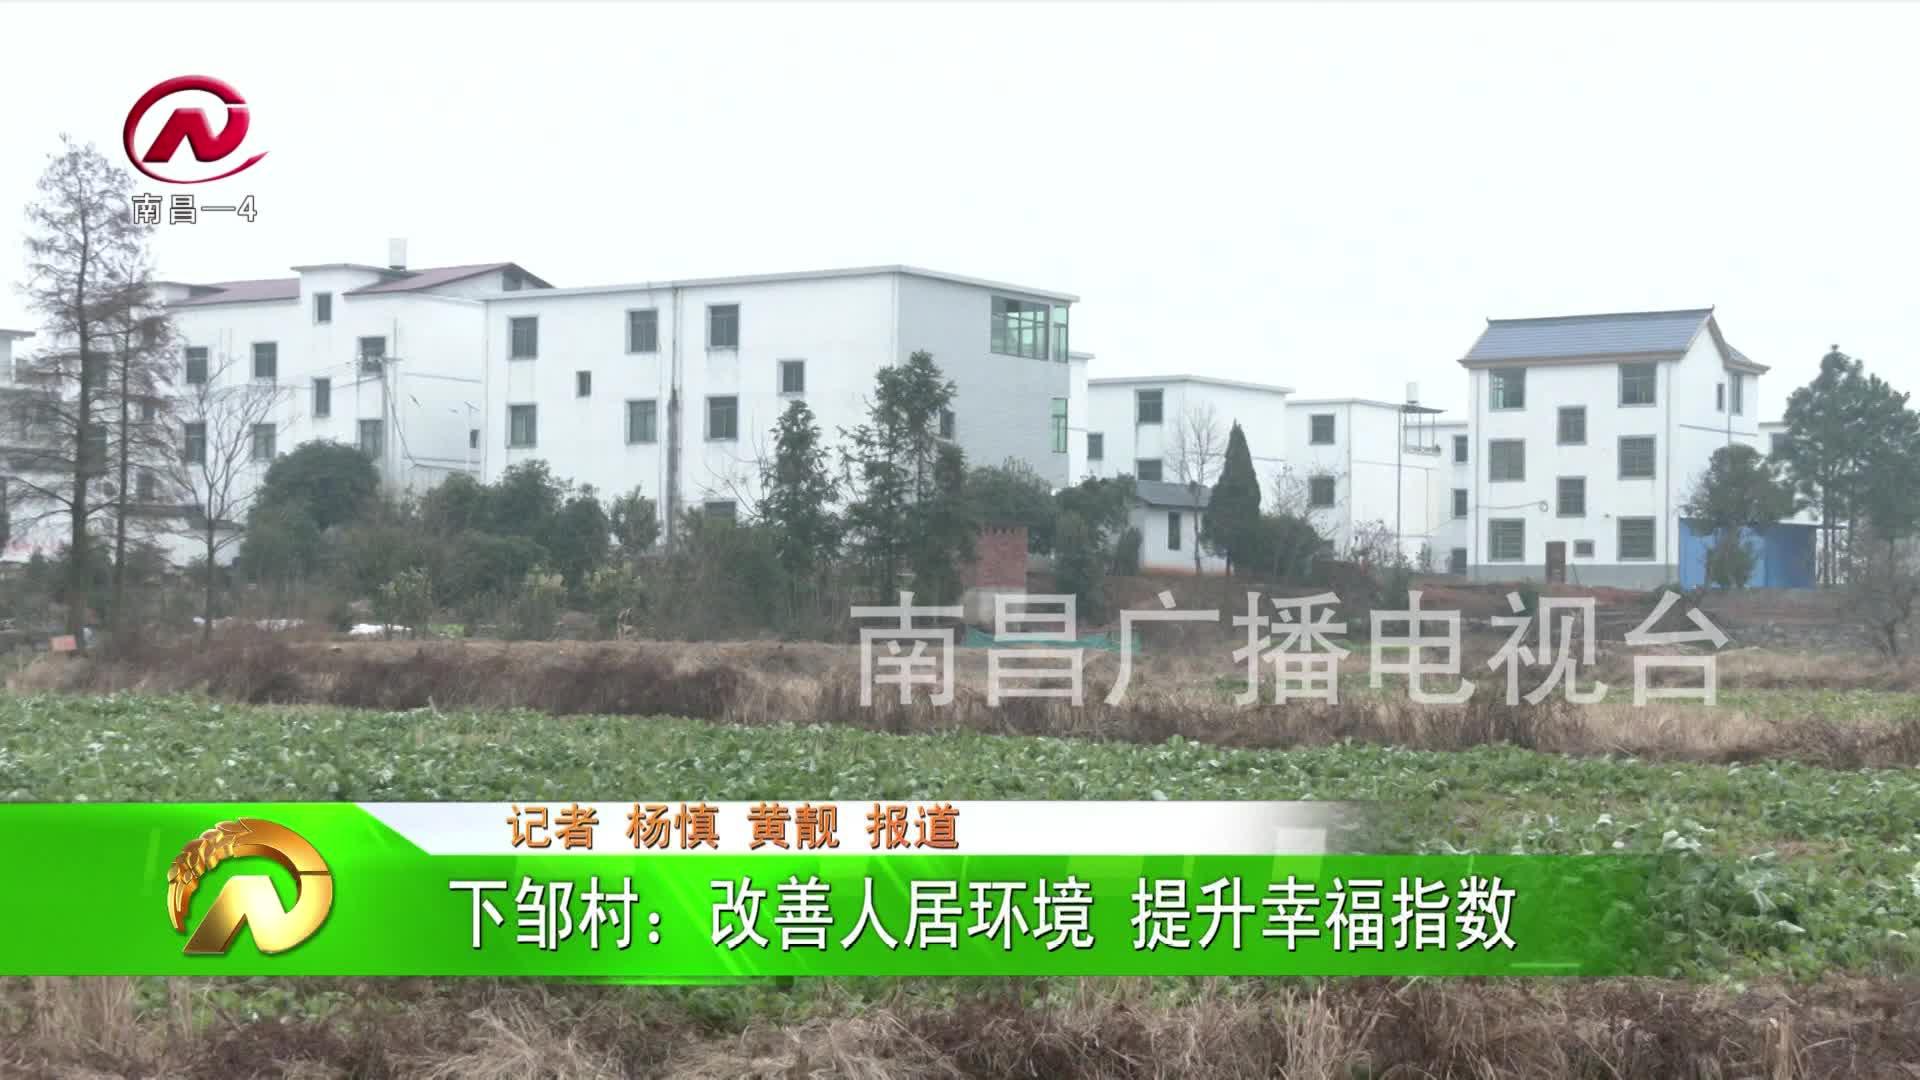 【豫章農視】下鄒村:改善人居環境 提升幸福指數